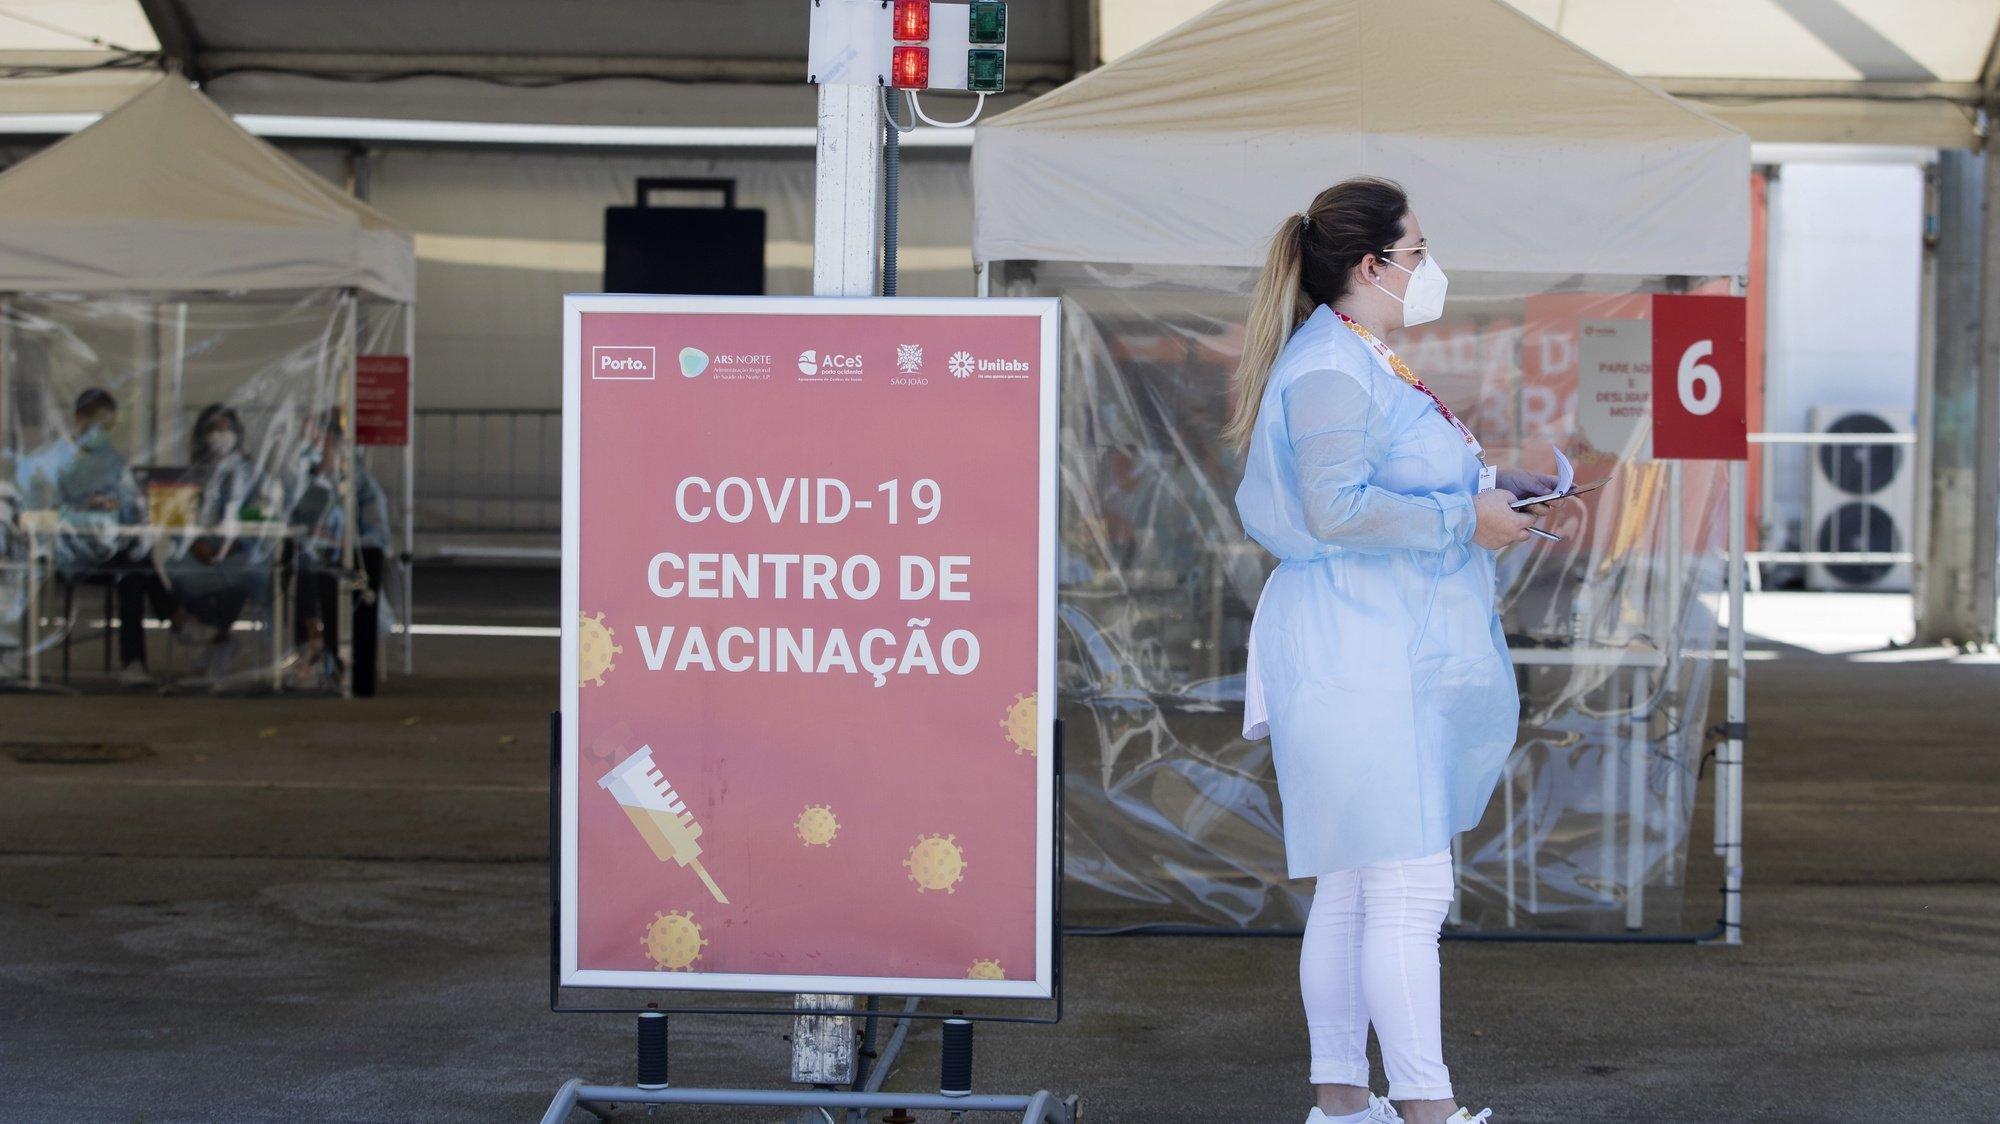 Centro de vacinação 'drive-thru', instalado no Queimódromo, junto ao Parque da Cidade, Porto, 8 de julho de 2021. O centro de vacinação 'drive-thru' entrou hoje funcionamento, devendo permitir a inoculação de 2.000 pessoas por dia. JOSÉ COELHO/LUSA